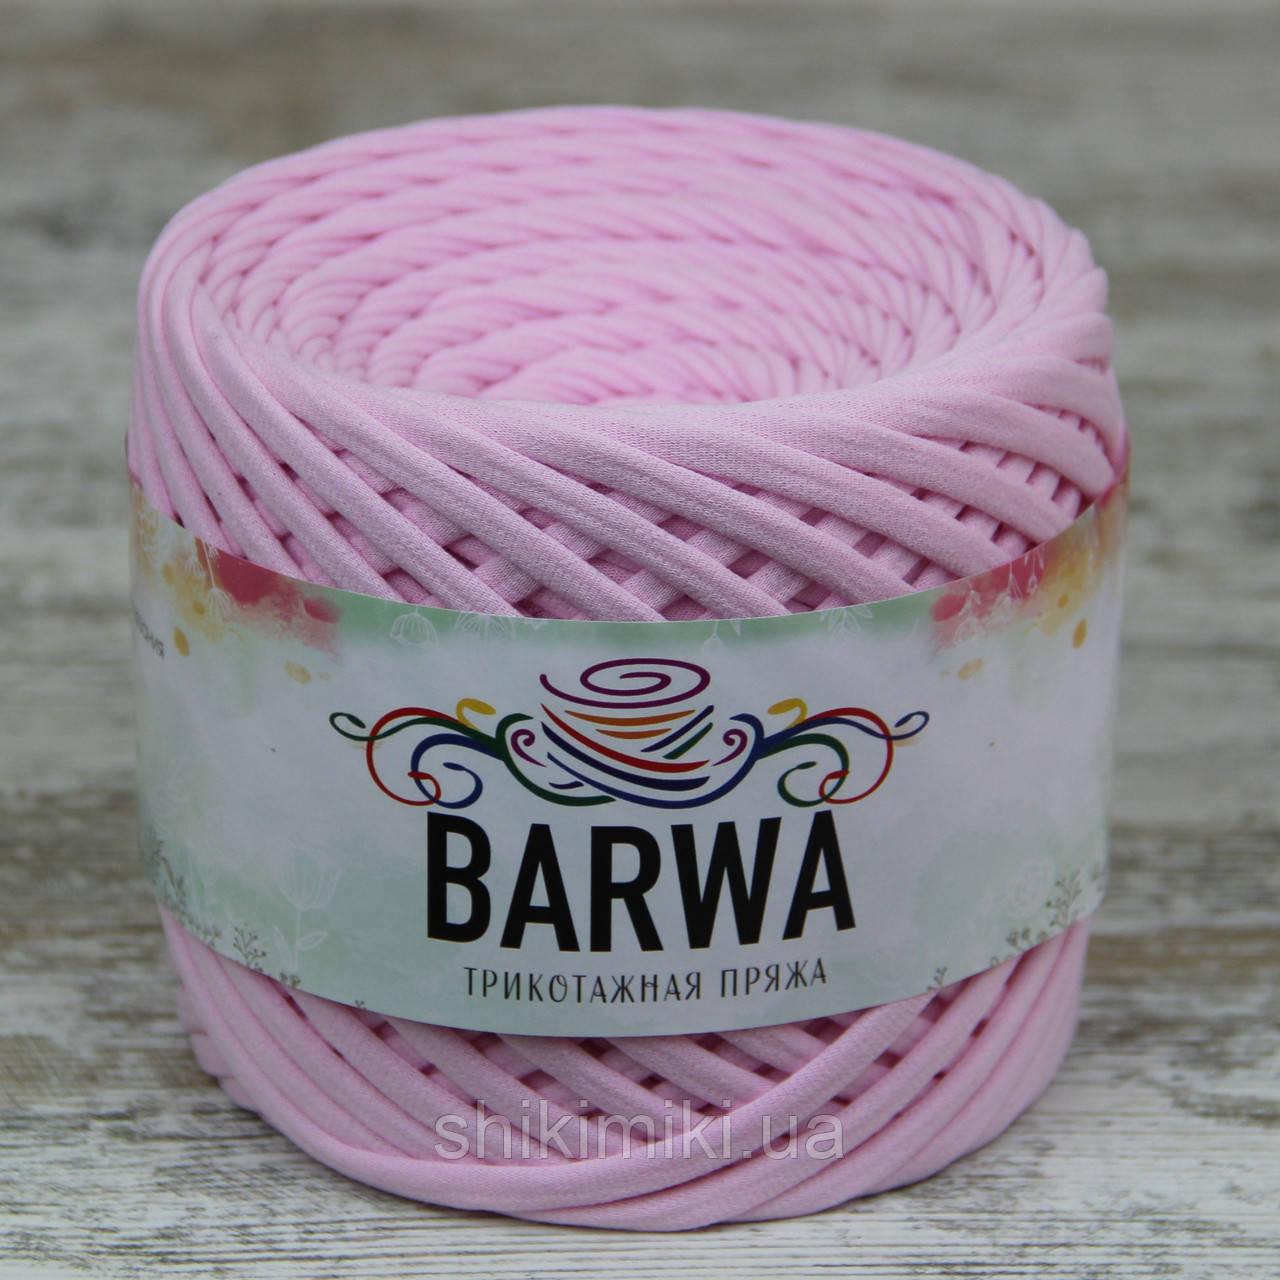 Трикотажная пряжа Barwa (7-9 мм), цвет Светло-розовый